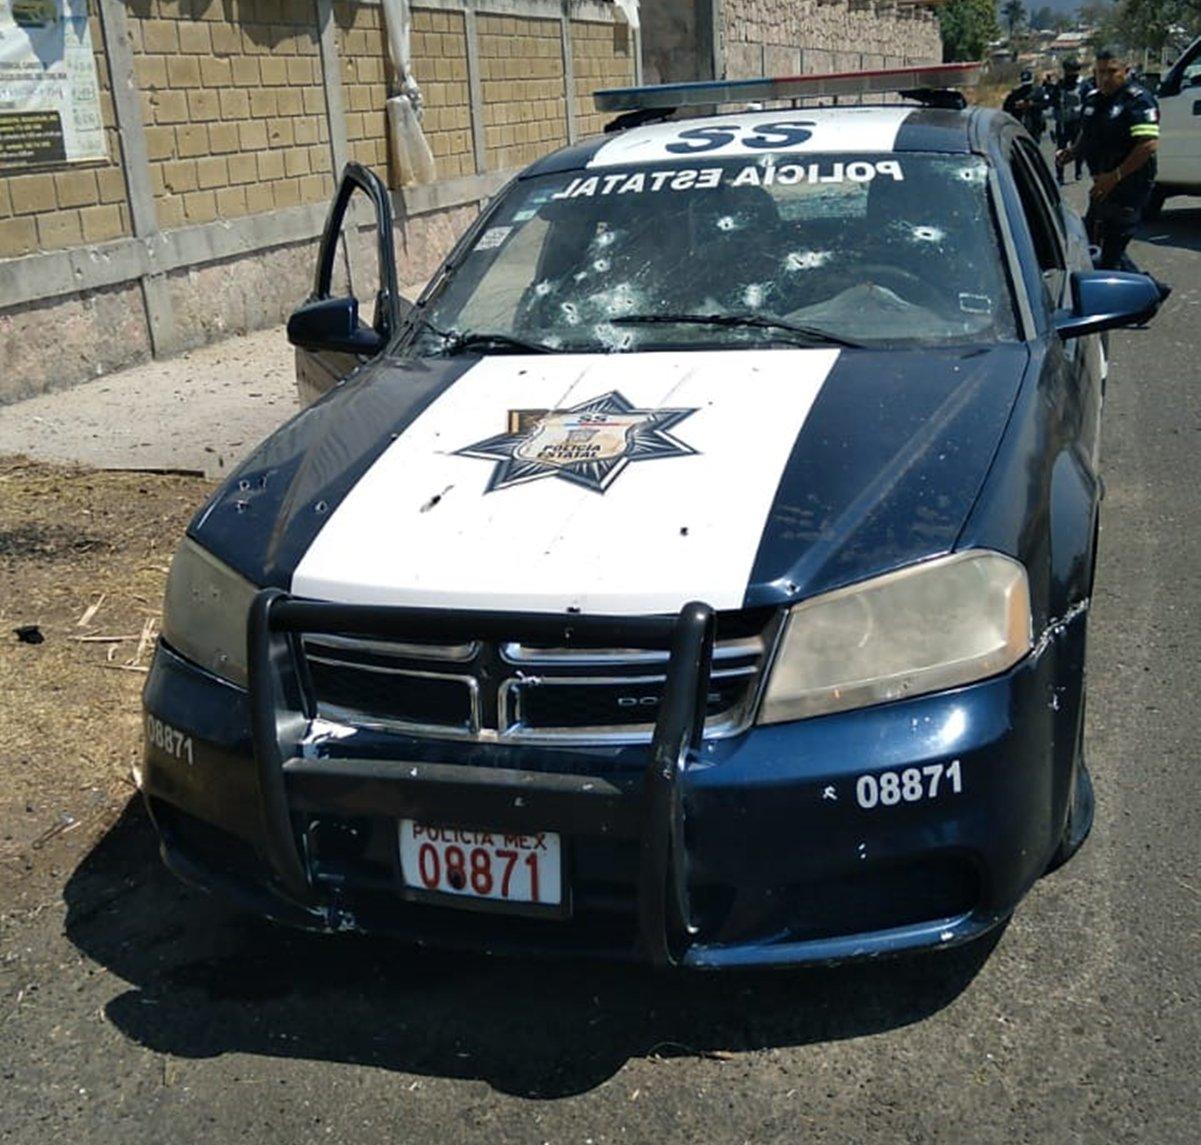 Componen rap a policías emboscados en Coatepec Harinas    VIDEO